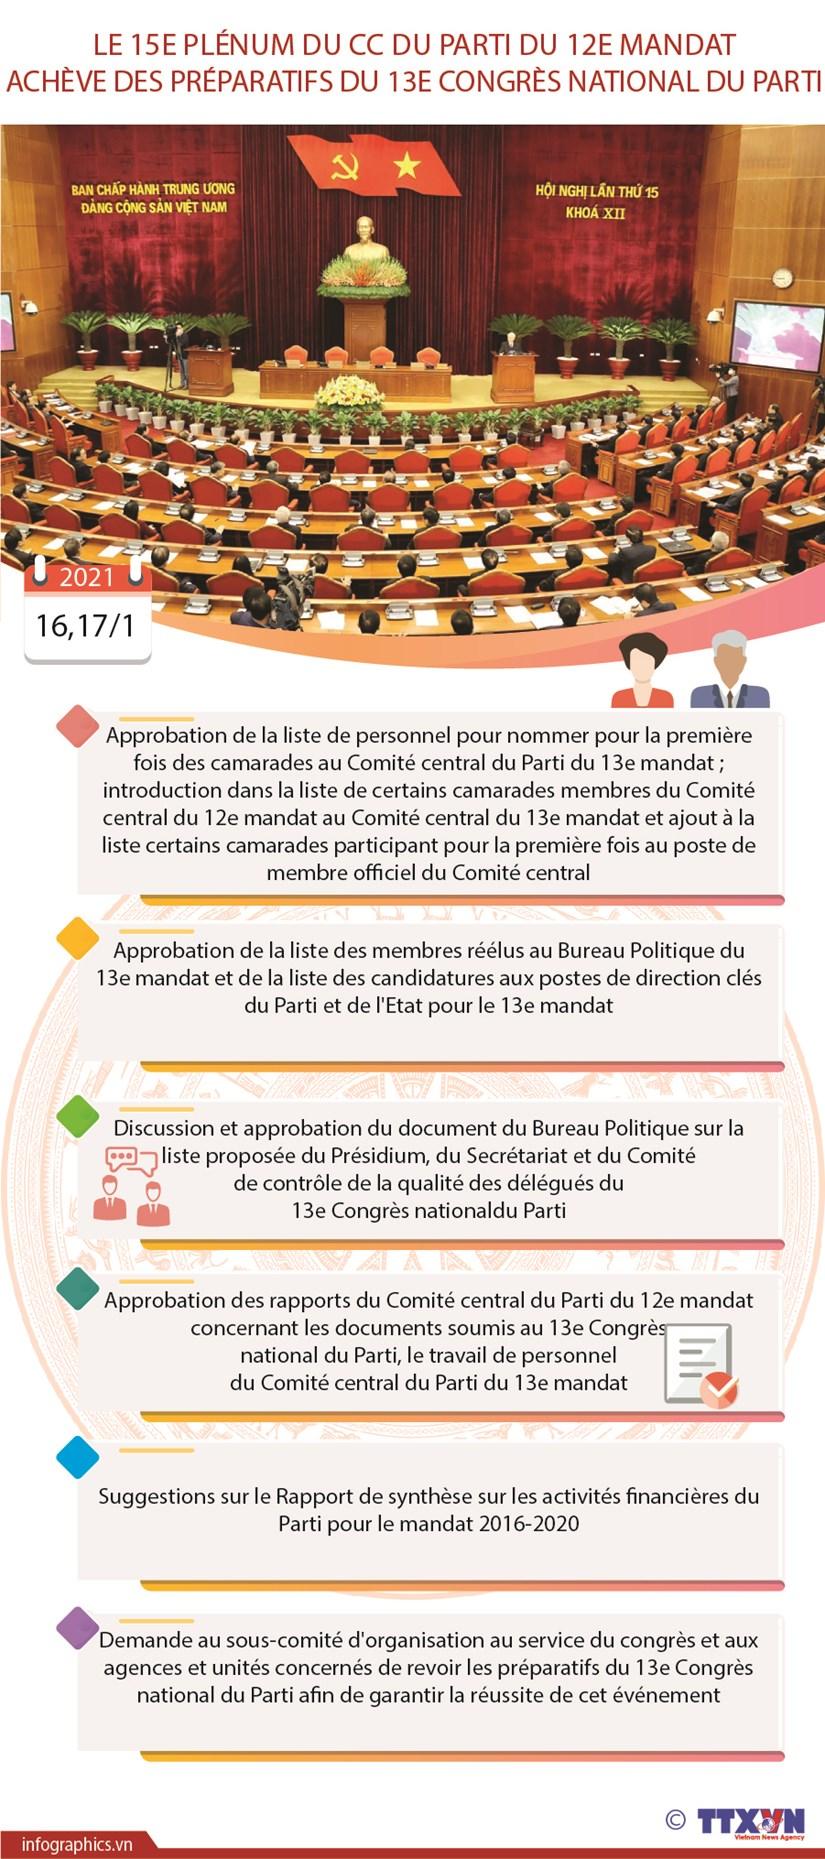 Le 15e Plenum du CC du Parti du 12e mandat acheve des preparatifs du 13e Congres national du Parti hinh anh 1